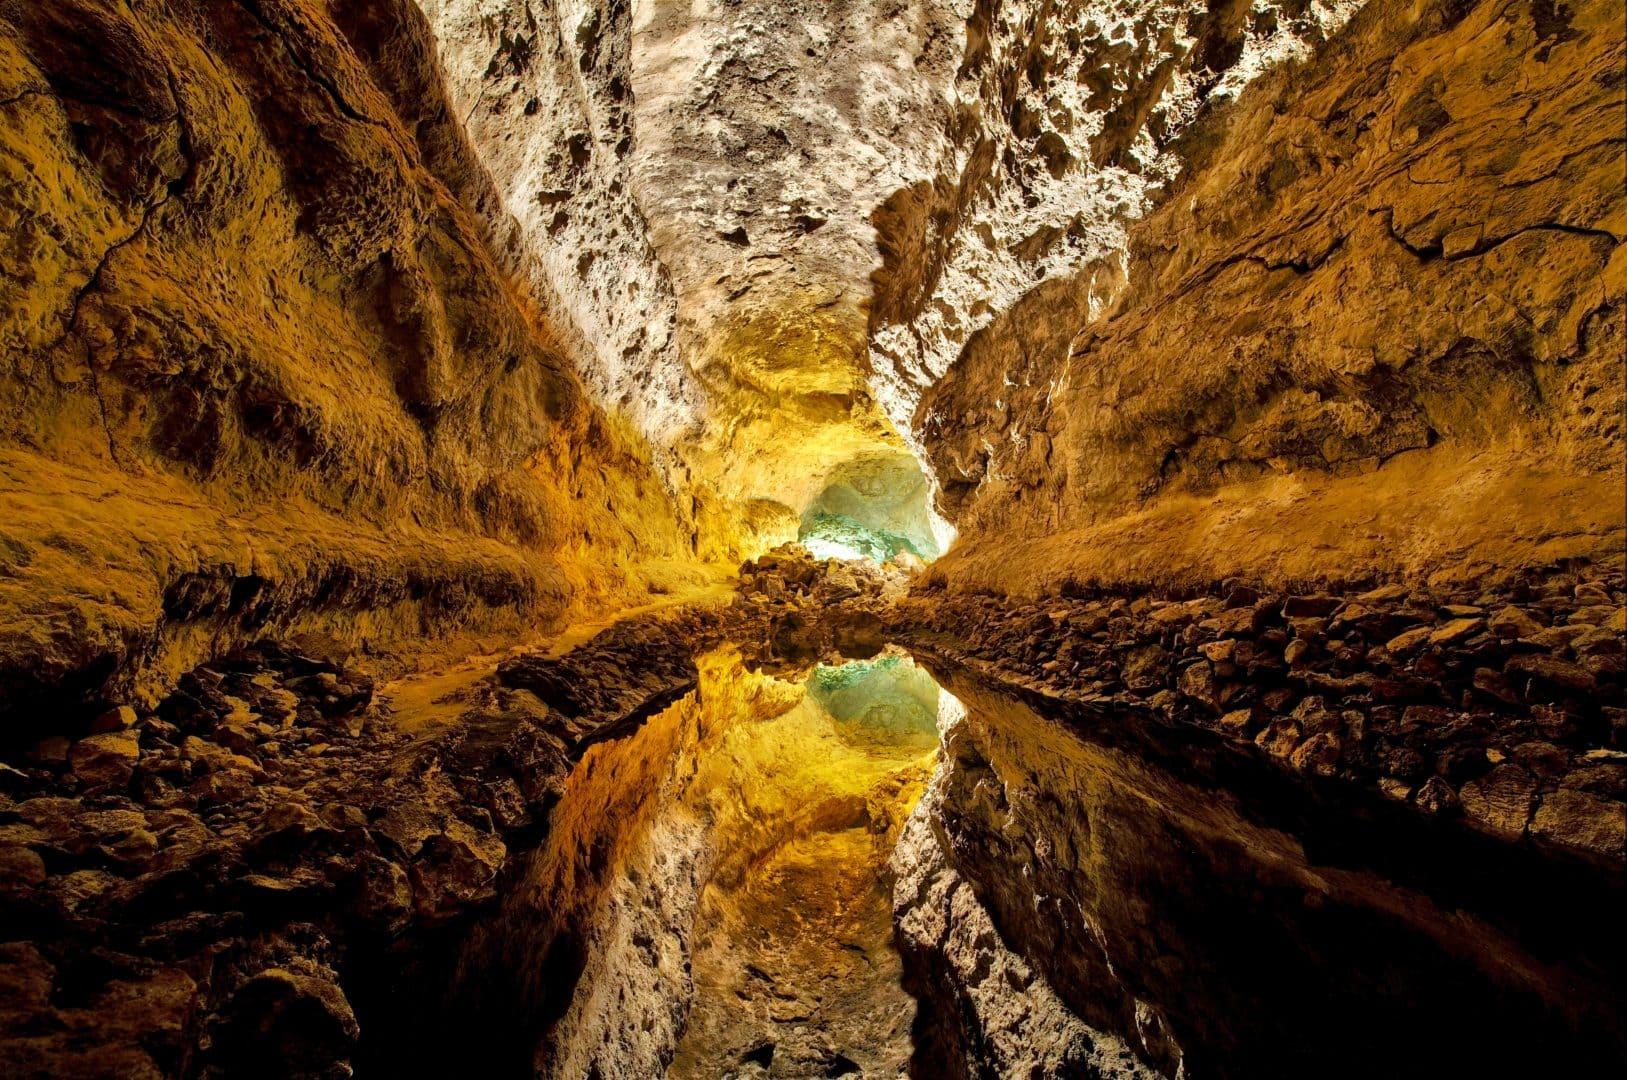 Cuevas de los Verdes, Lanzarote, Unterirdische Höhlen